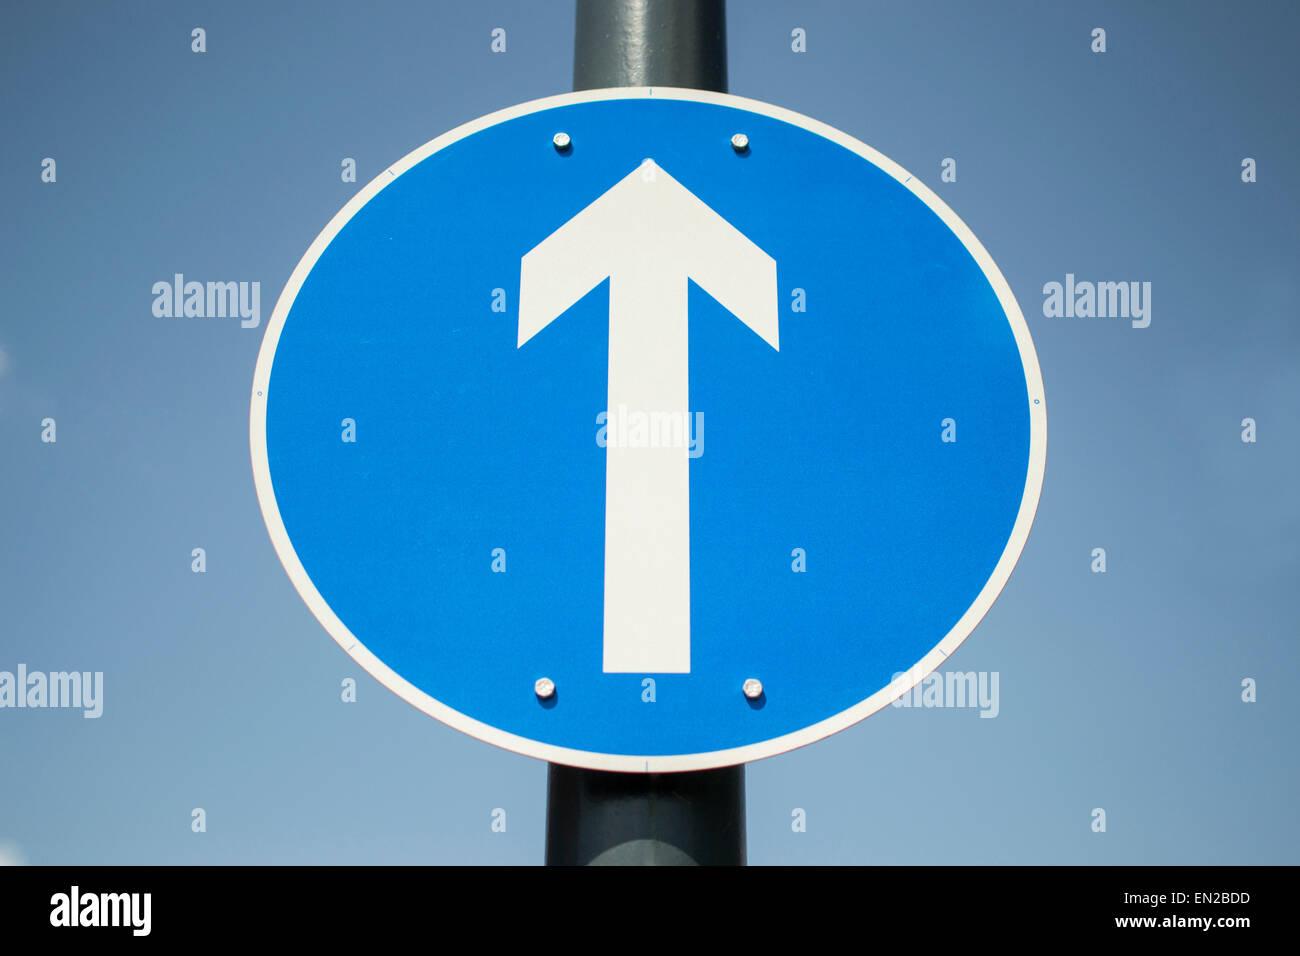 1 señal de flecha azul mostrando venidero solamente Imagen De Stock